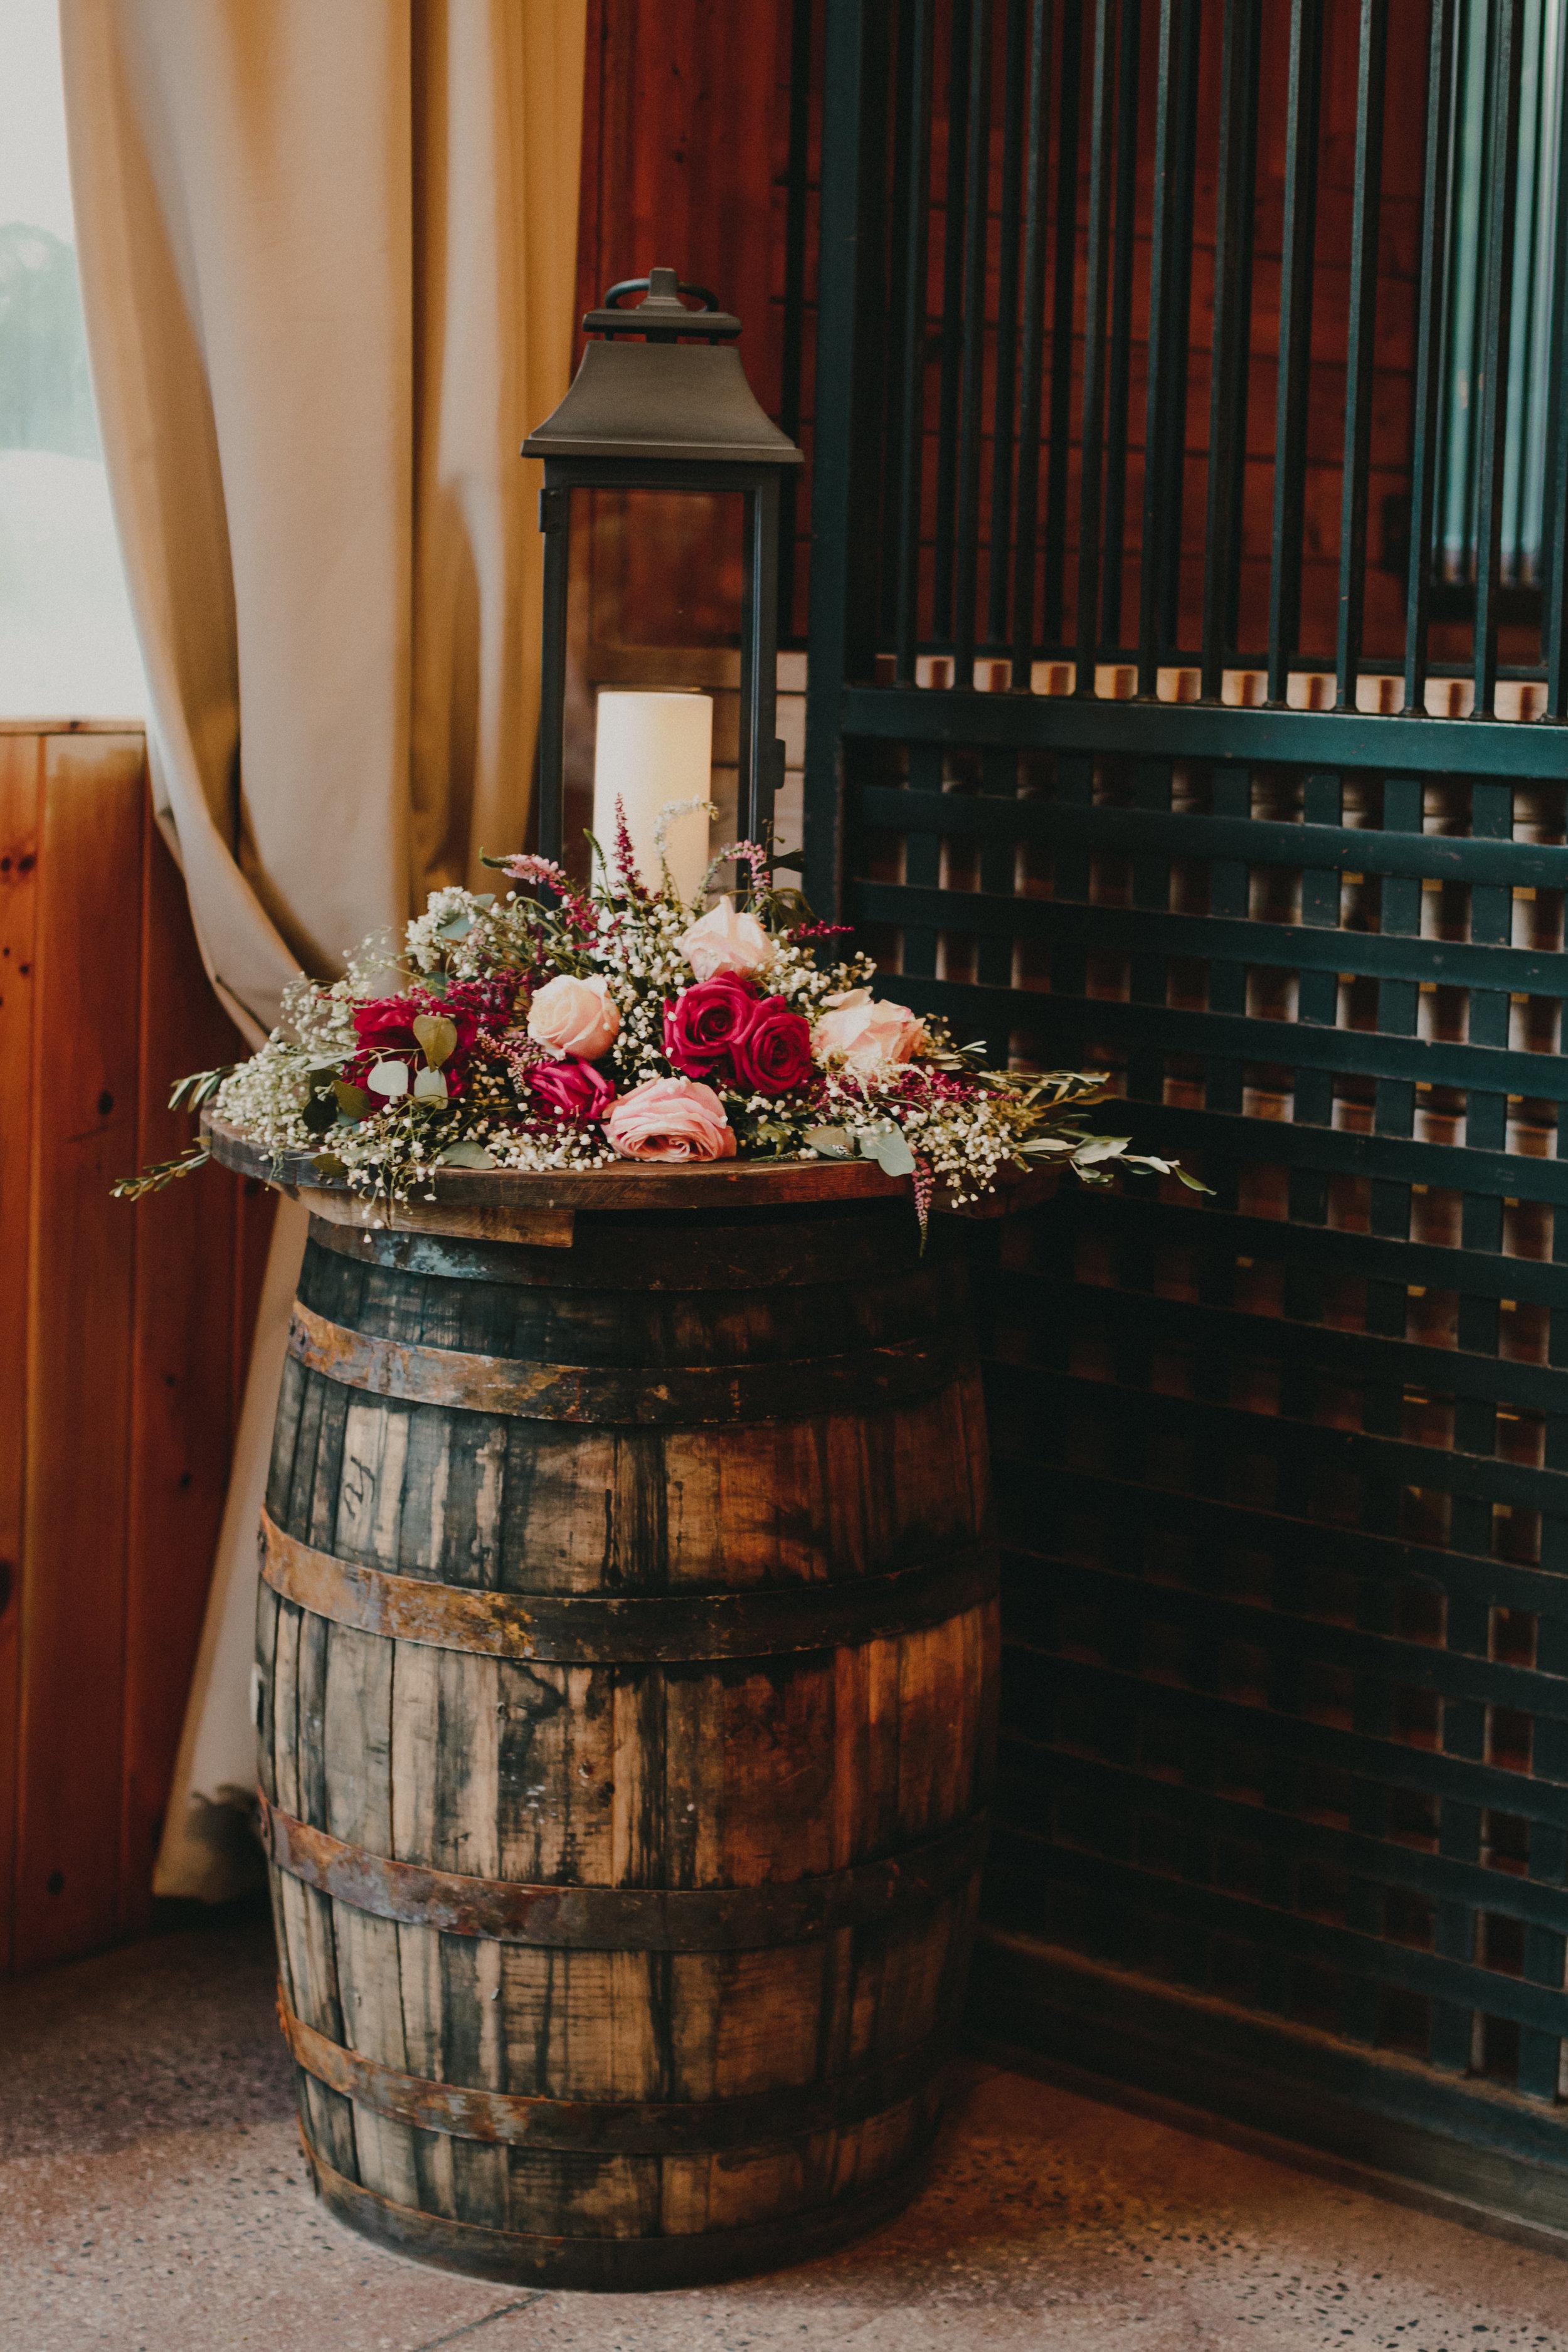 852-20180616-Amanda_Brett_Catskills_Summer_Boho_Wedding.jpg